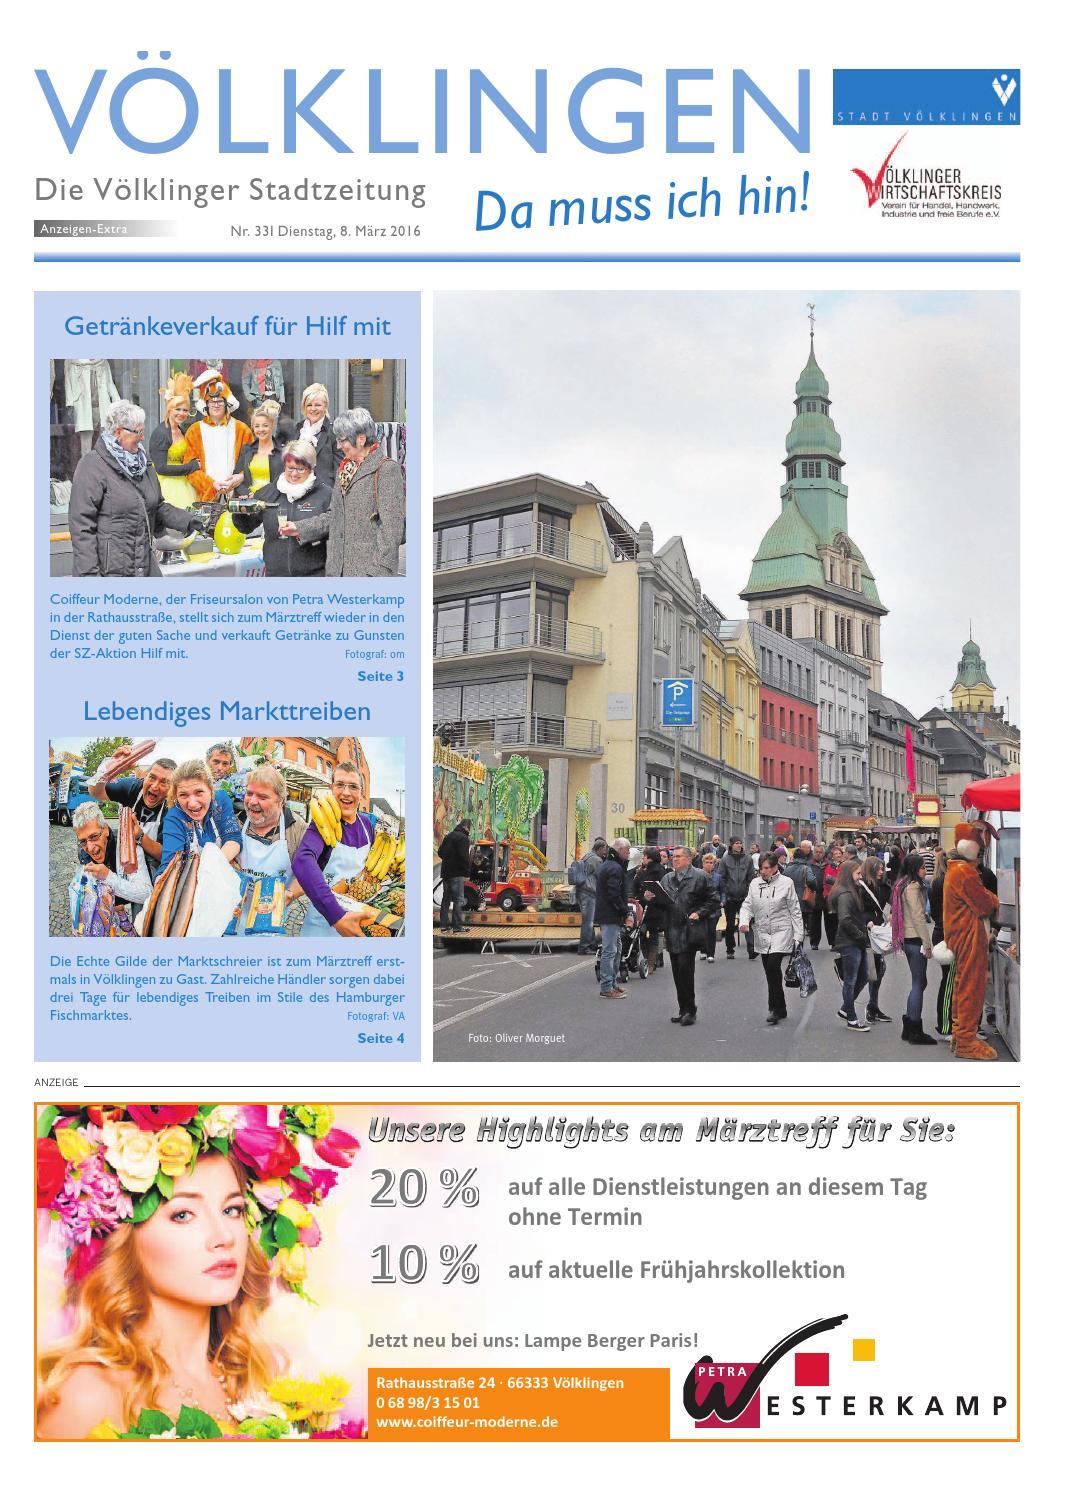 Völklingen da muss ich hin 08.03.2016 by Saarbrücker VerlagsService ...